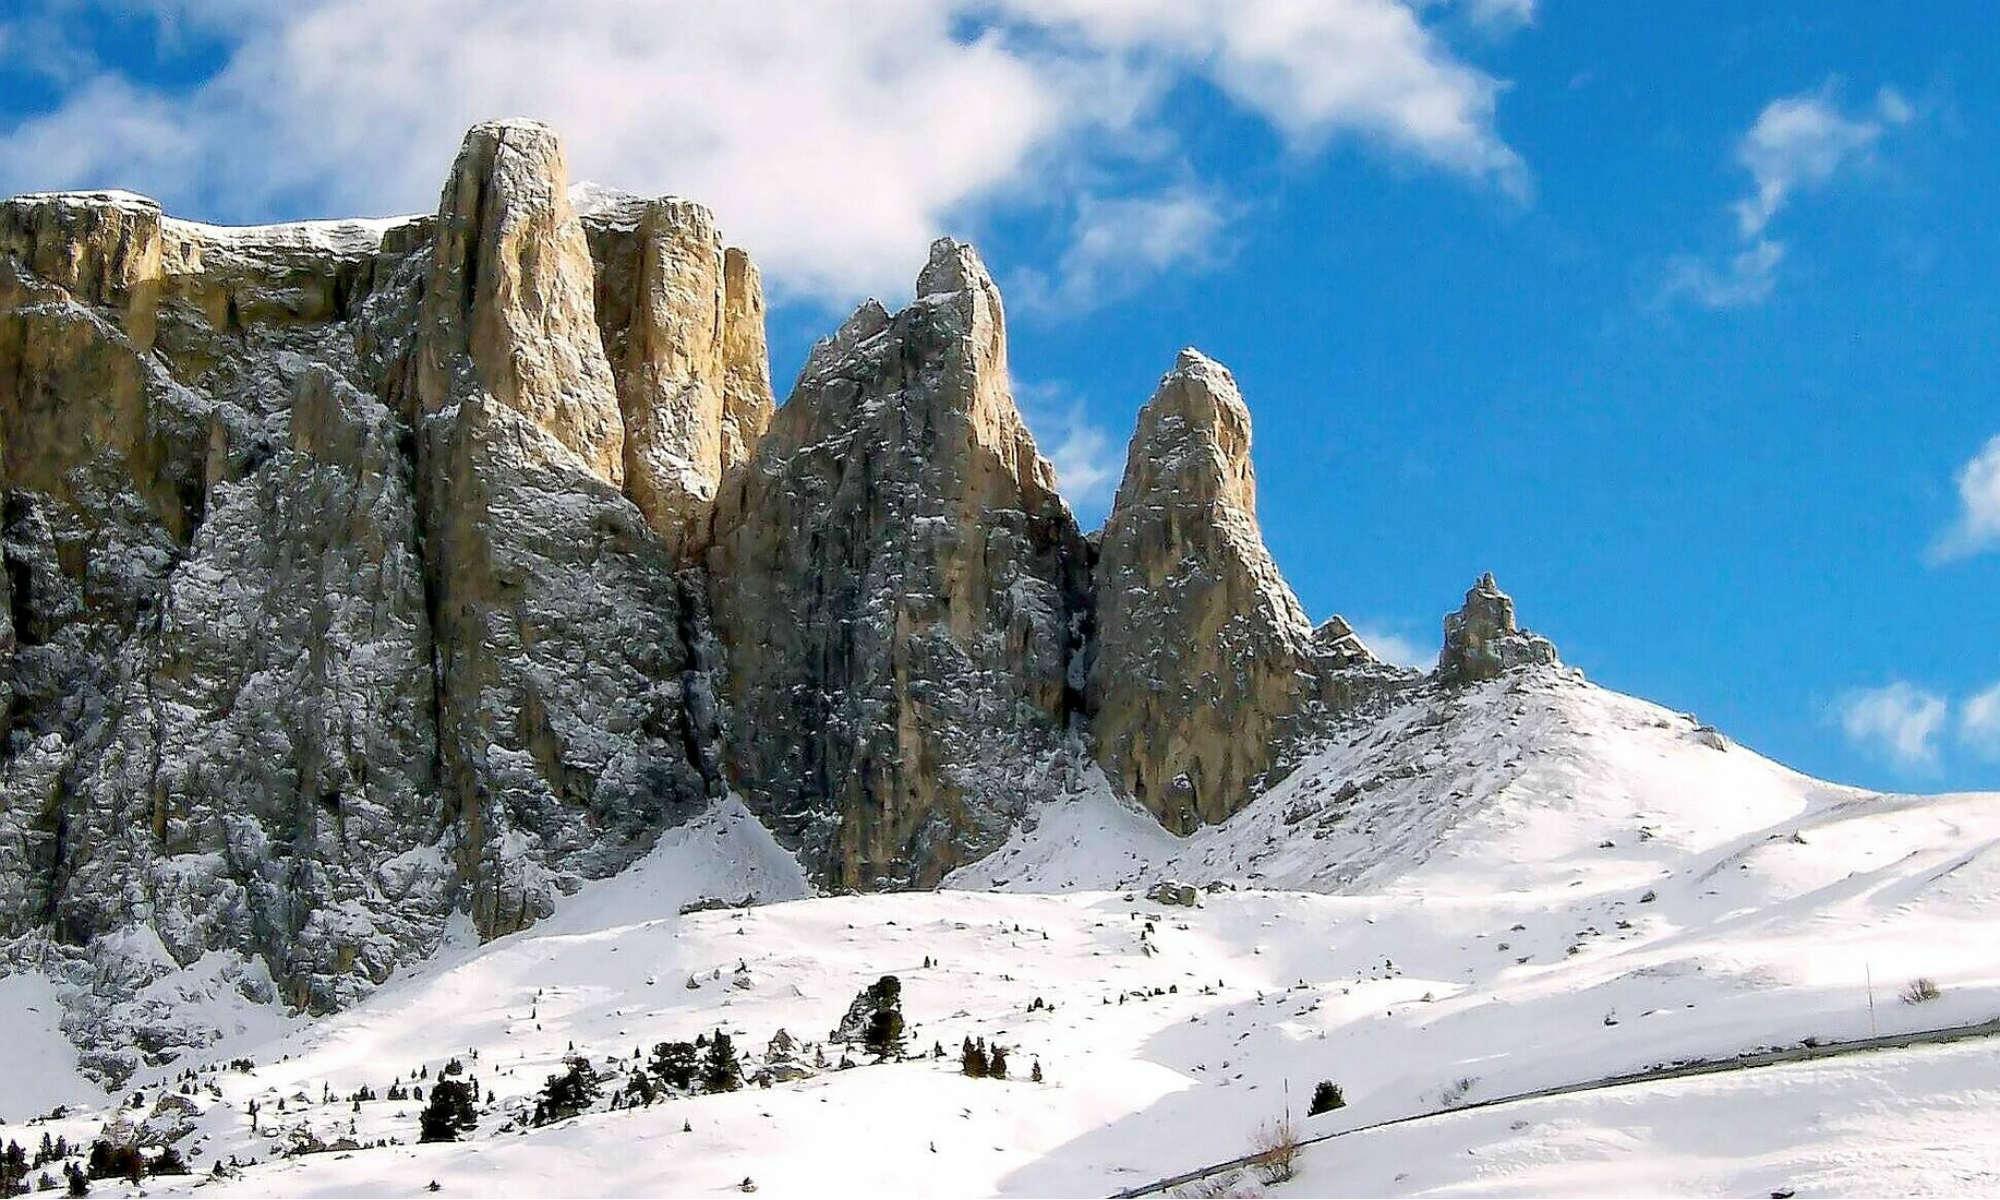 Panorama di cime coperte di neve nei dolomiti.